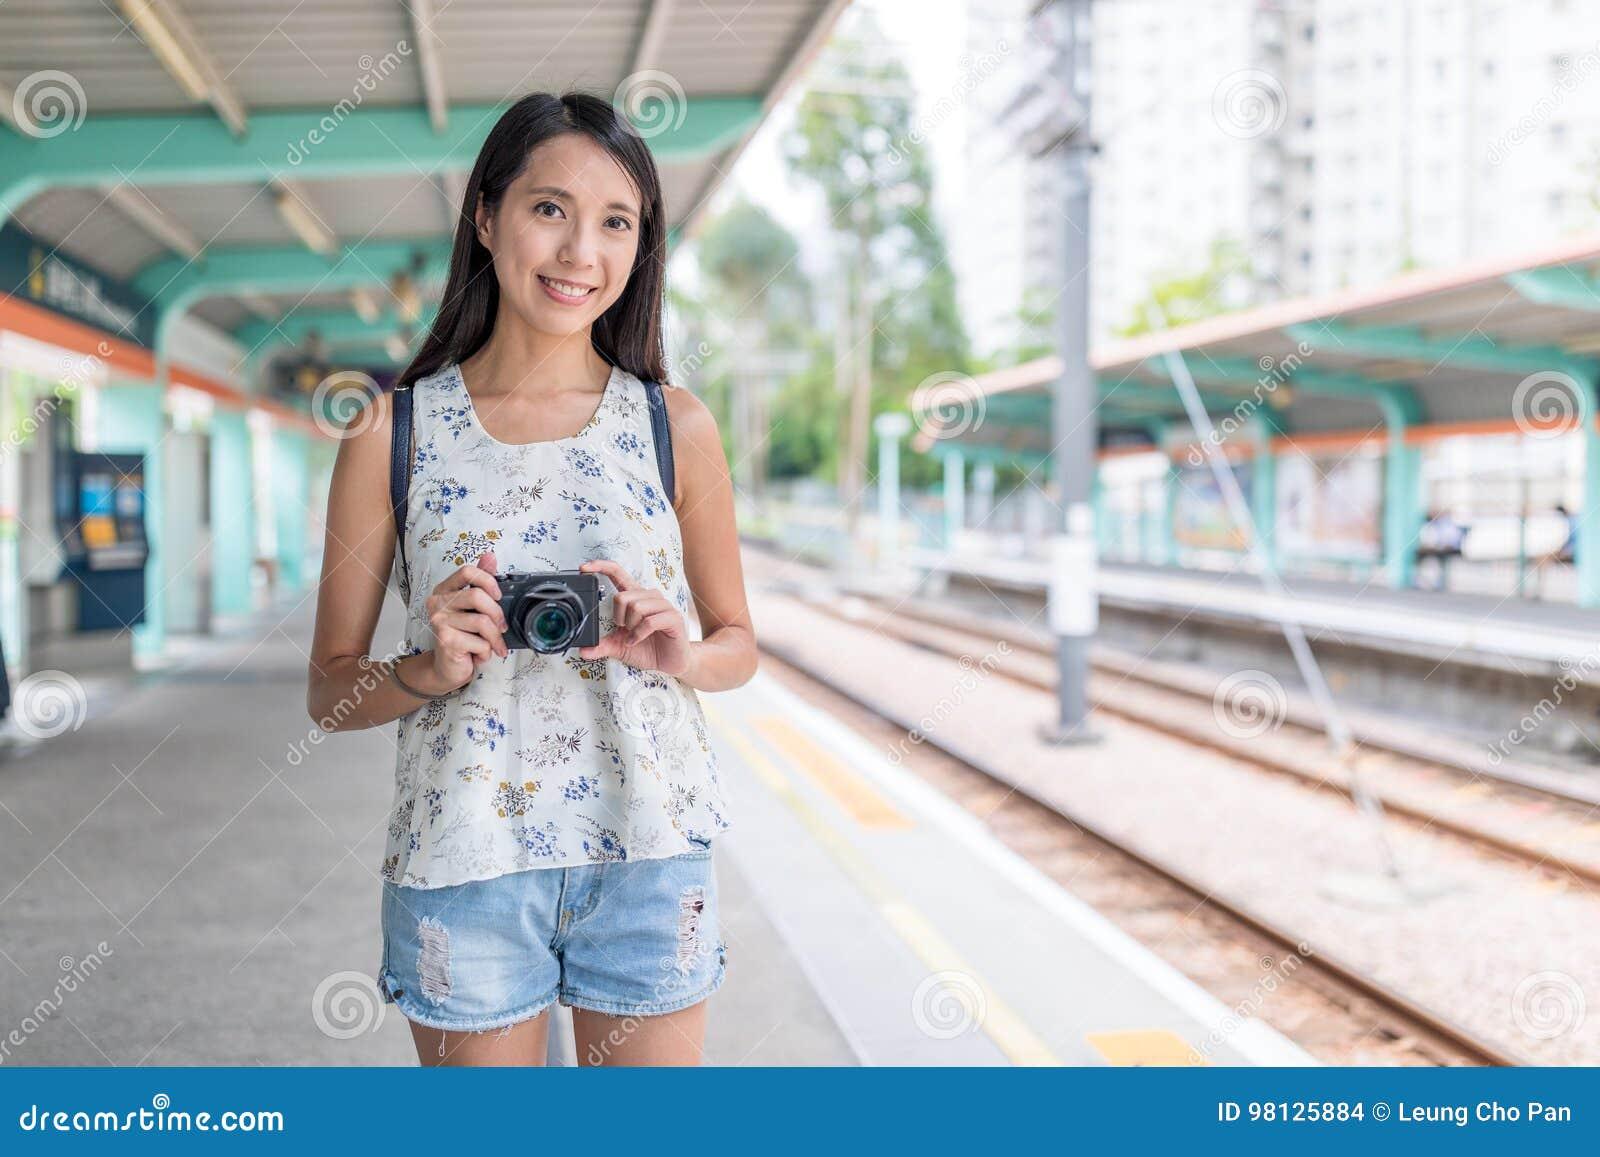 Junge asiatische Frau, die Digitalkamera im hellen Bahnhof hält